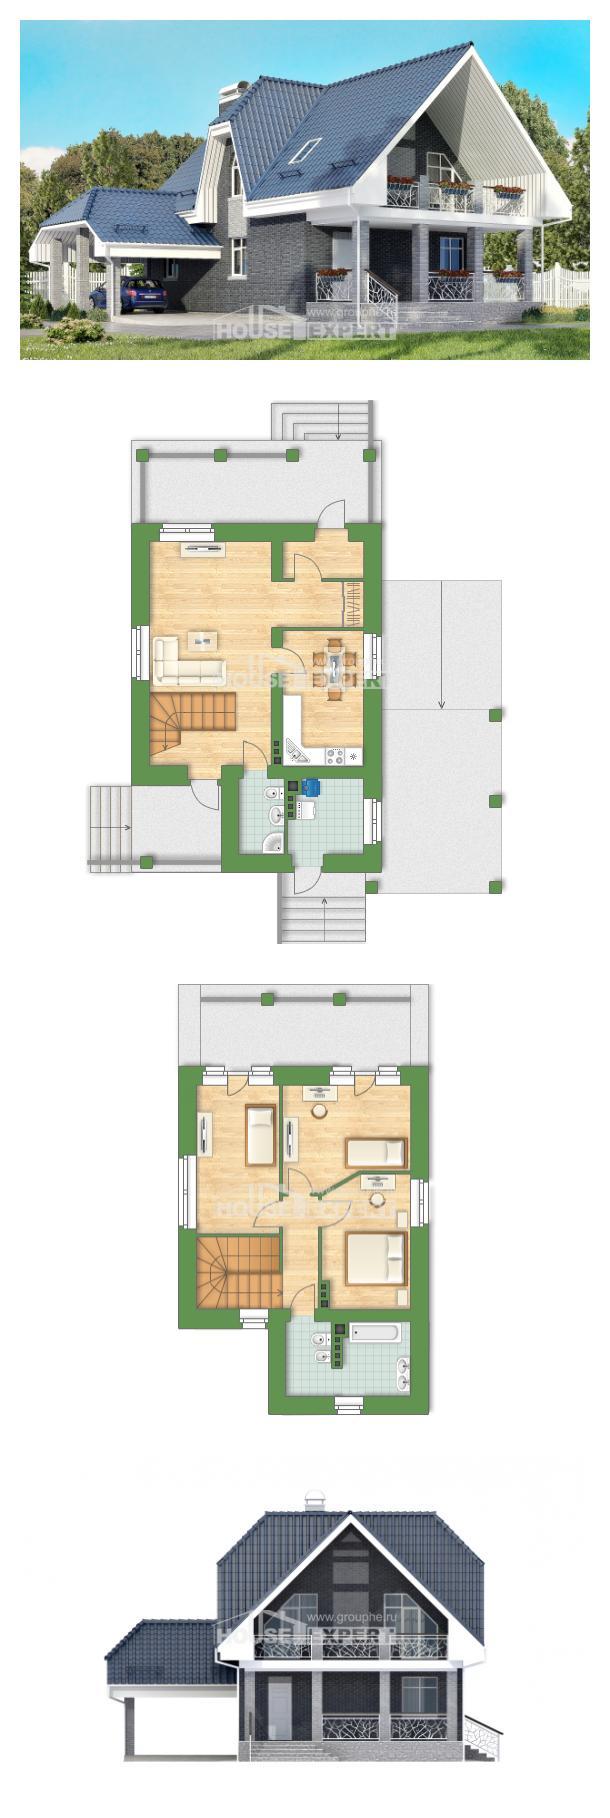 Plan 125-002-L | House Expert